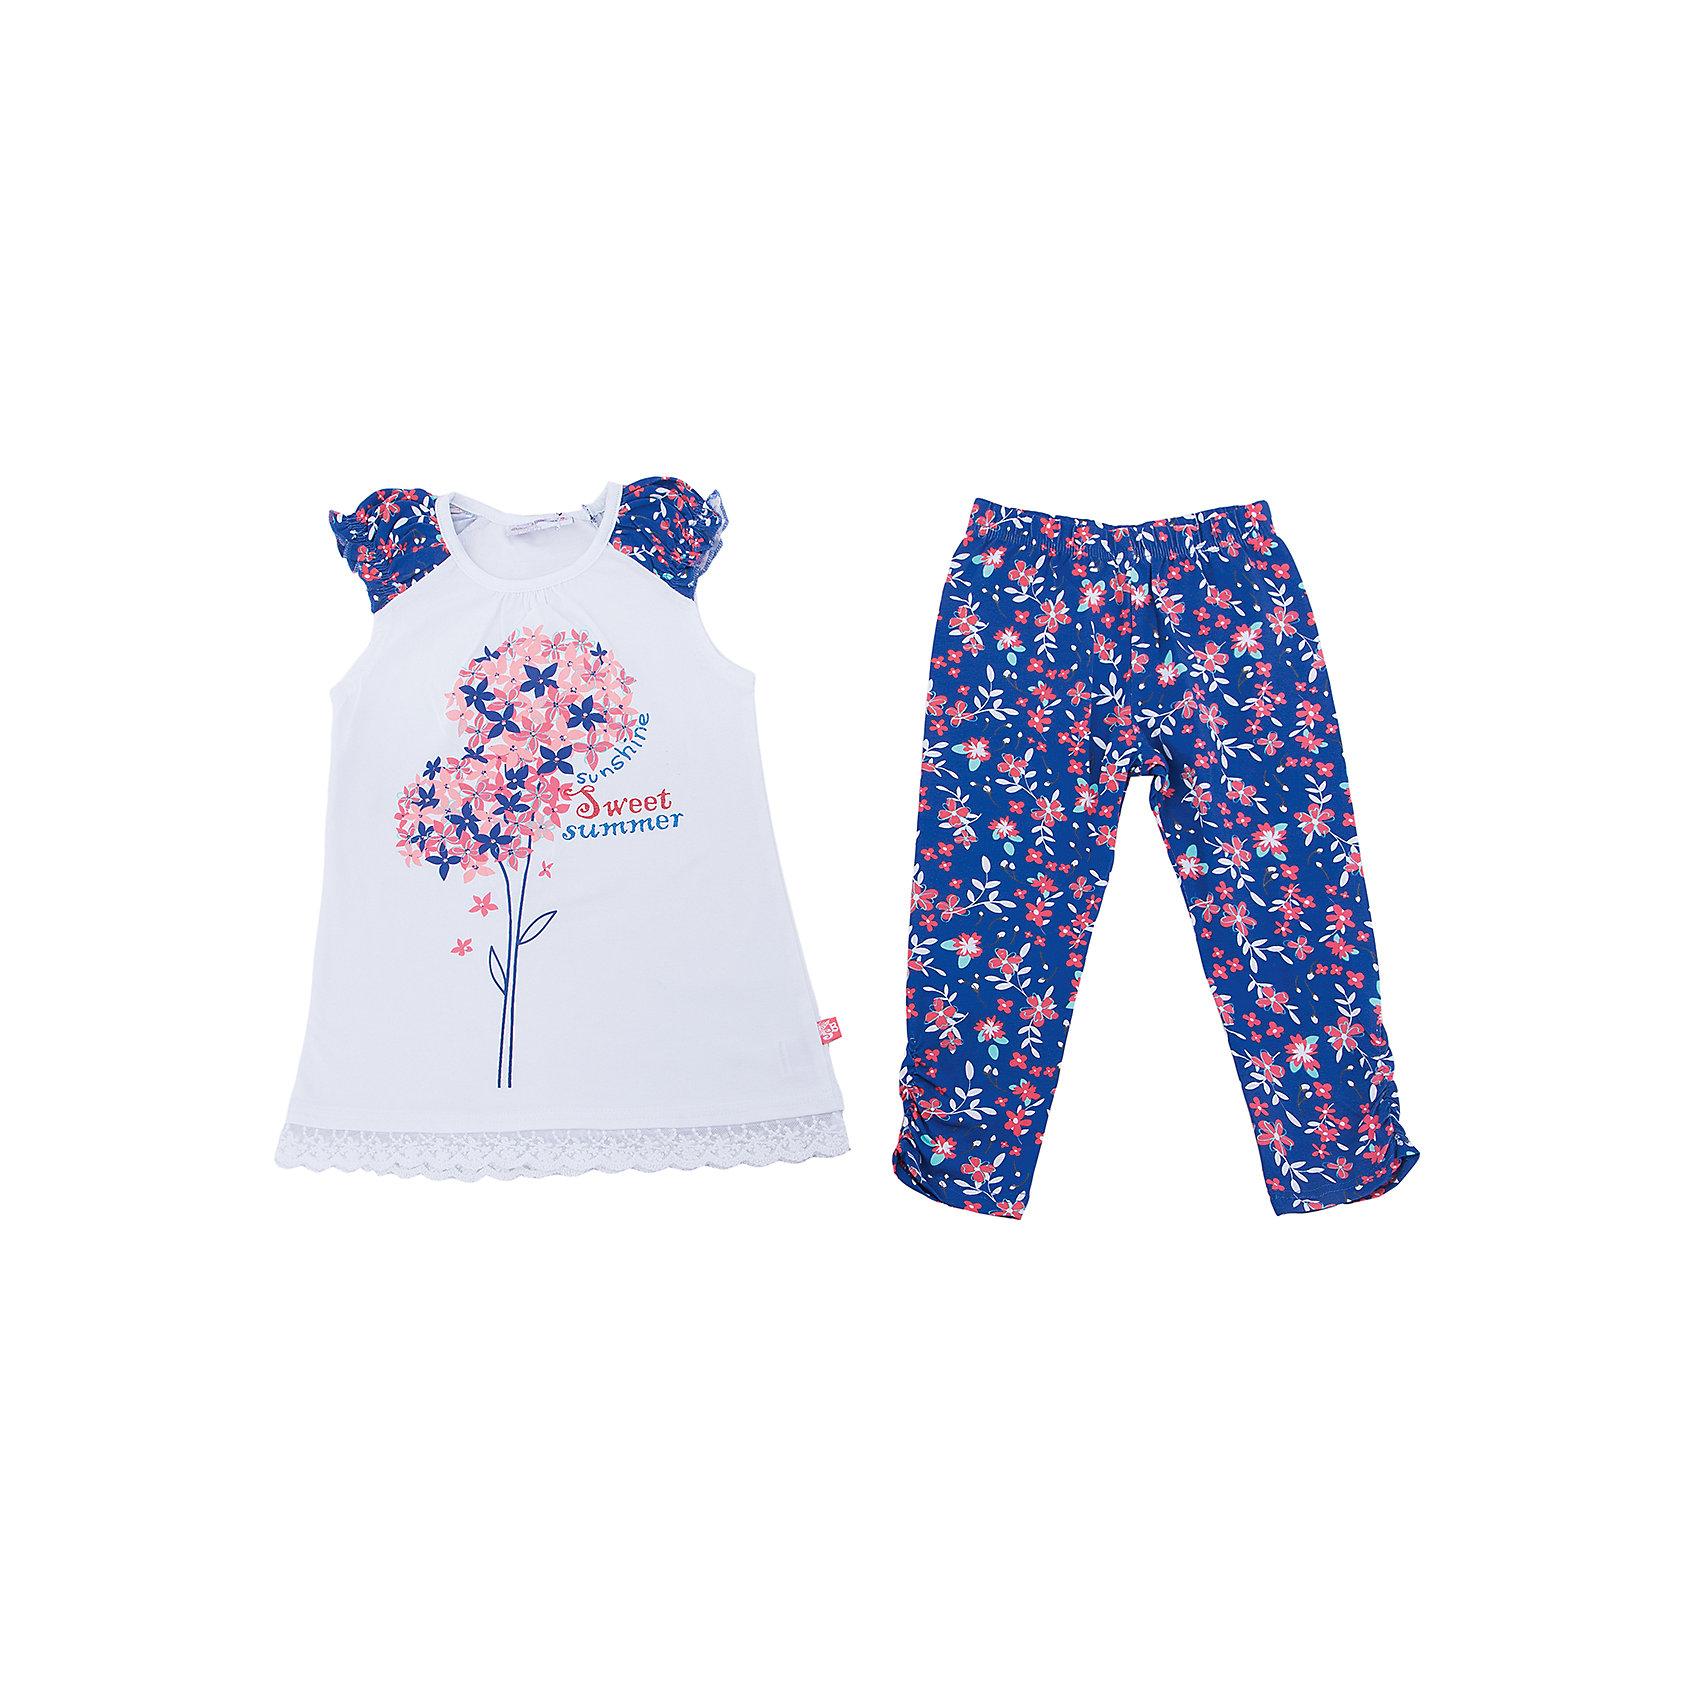 Комплект: футболка и леггинсы для девочки Sweet BerryКомплекты<br>Трикотажный комплект для девочки. Удлиненная футболка с цветочным рисунком, свободный крой. Лосины принтованы цветочным рисунком в тон футболке. Эластичный пояс.<br>Состав:<br>95%хлопок 5%эластан<br><br>Ширина мм: 123<br>Глубина мм: 10<br>Высота мм: 149<br>Вес г: 209<br>Цвет: белый<br>Возраст от месяцев: 36<br>Возраст до месяцев: 48<br>Пол: Женский<br>Возраст: Детский<br>Размер: 104,98,110,116,122,128<br>SKU: 5412286